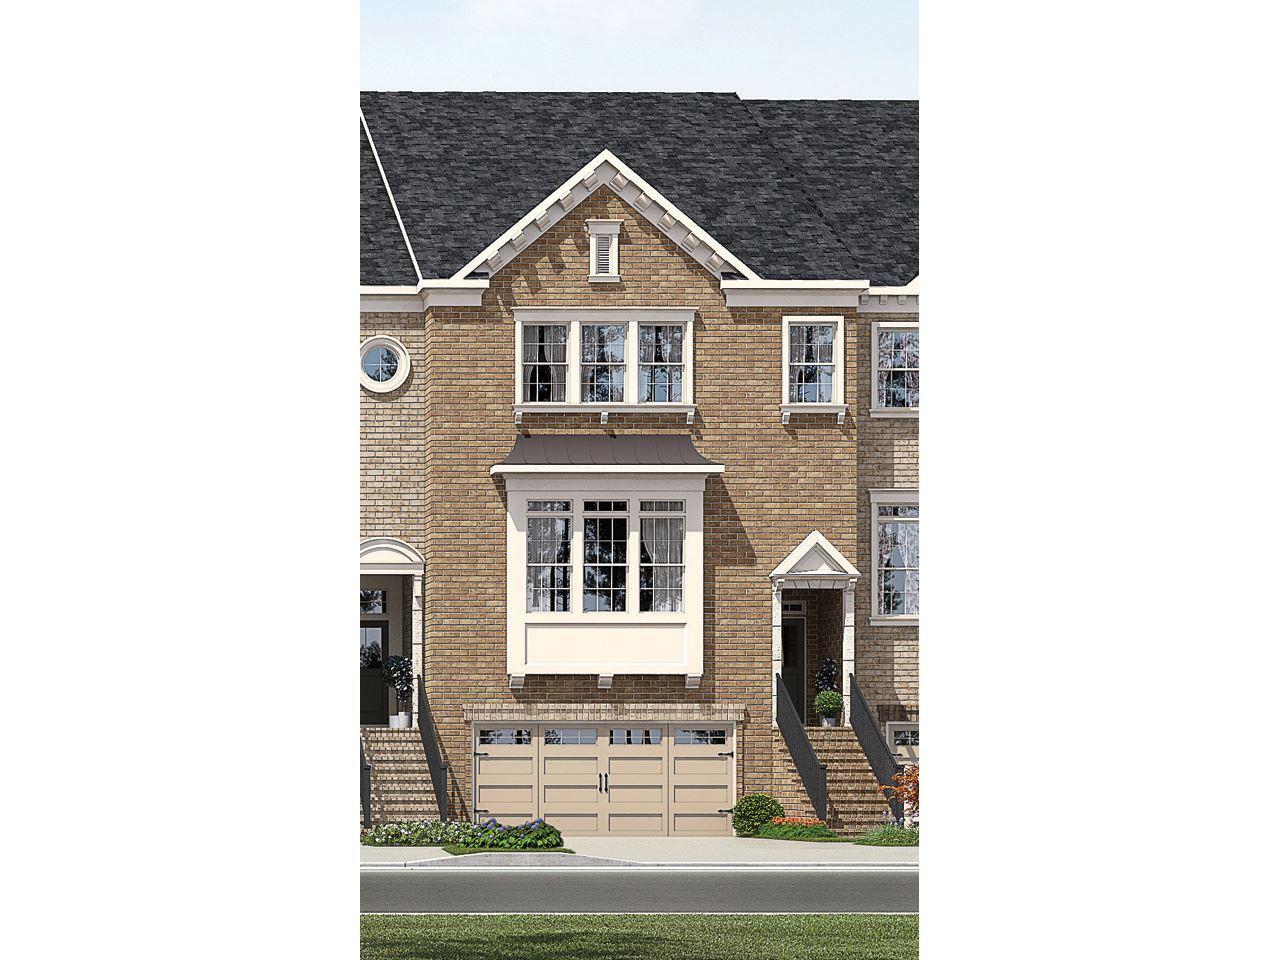 2248 ROYAL VINEYARD LANE, Vinings, GA Homes & Land - Real Estate